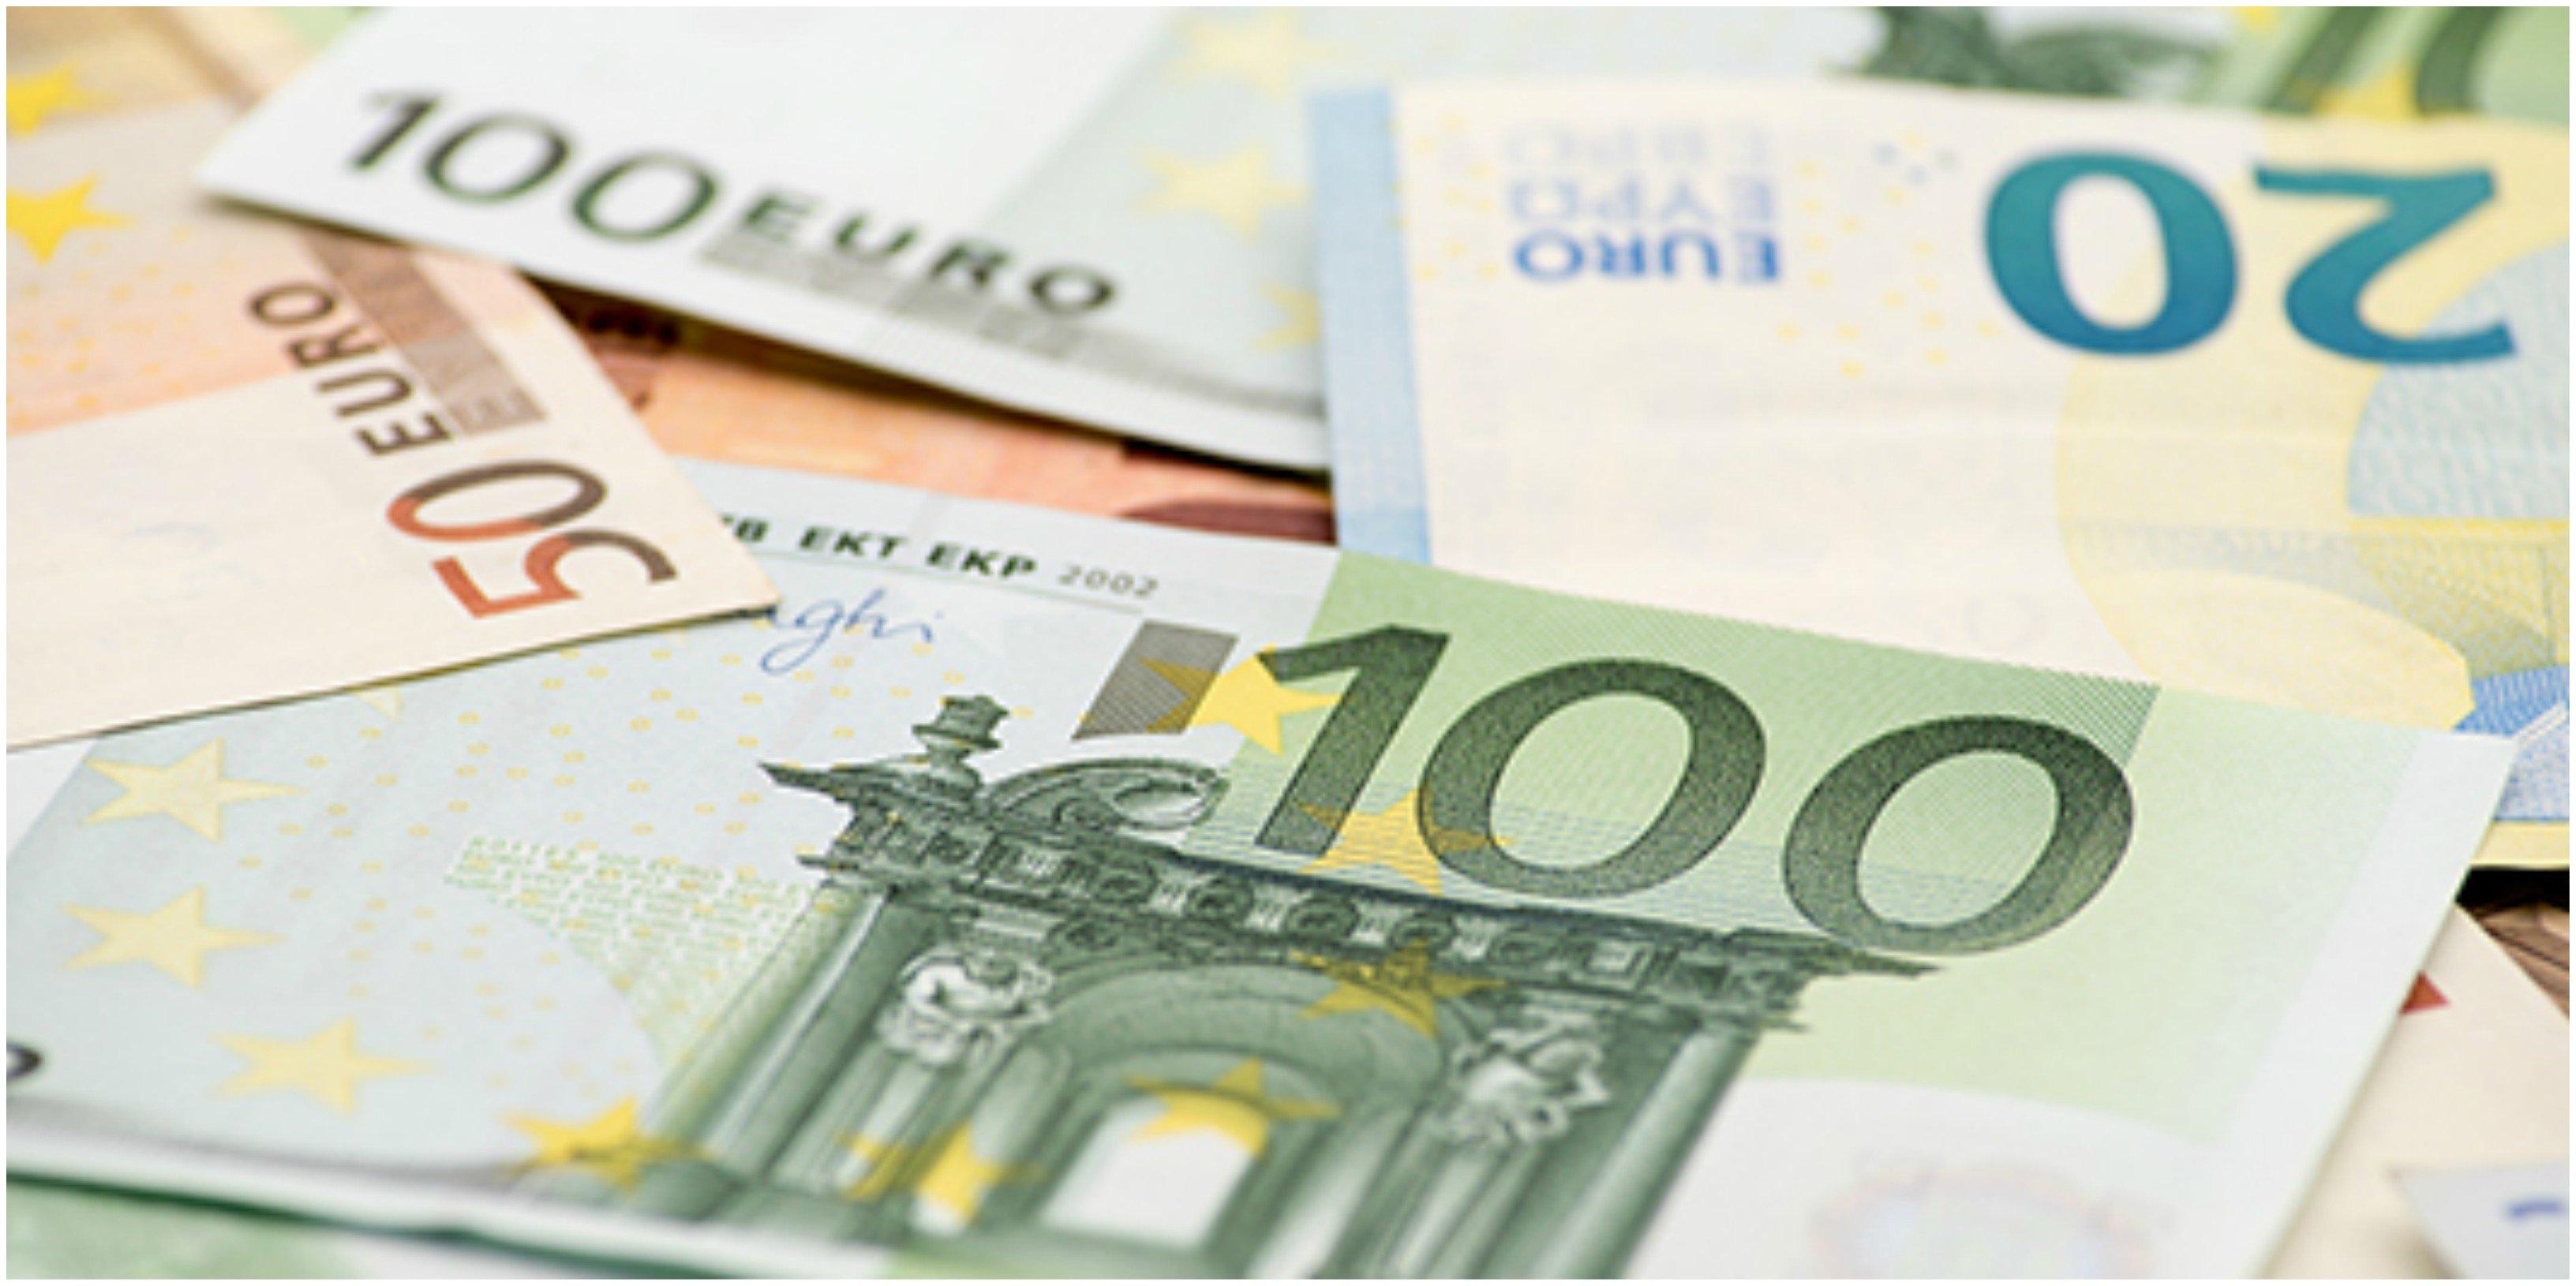 Esto no se aguanta la Seguridad Social cerró el ejercicio 2019 con un déficit de 16.793 millones de euros, el 1,34% del PIB